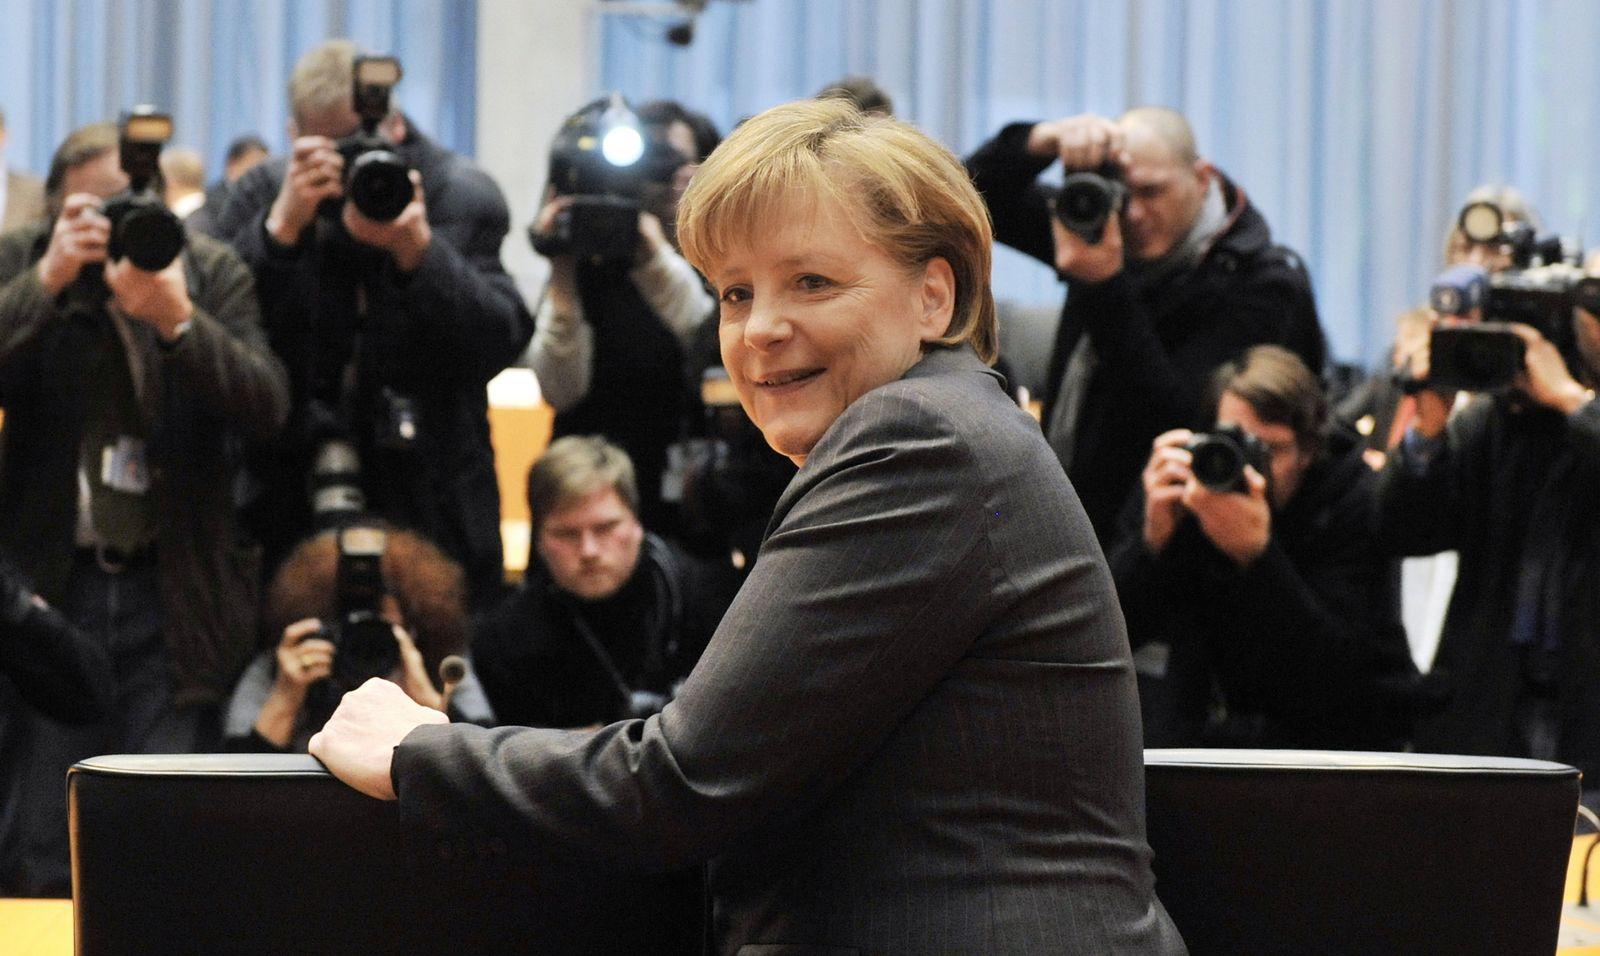 NICHT VERWENDEN Angela Merkel im Kunduz-Ausschuss